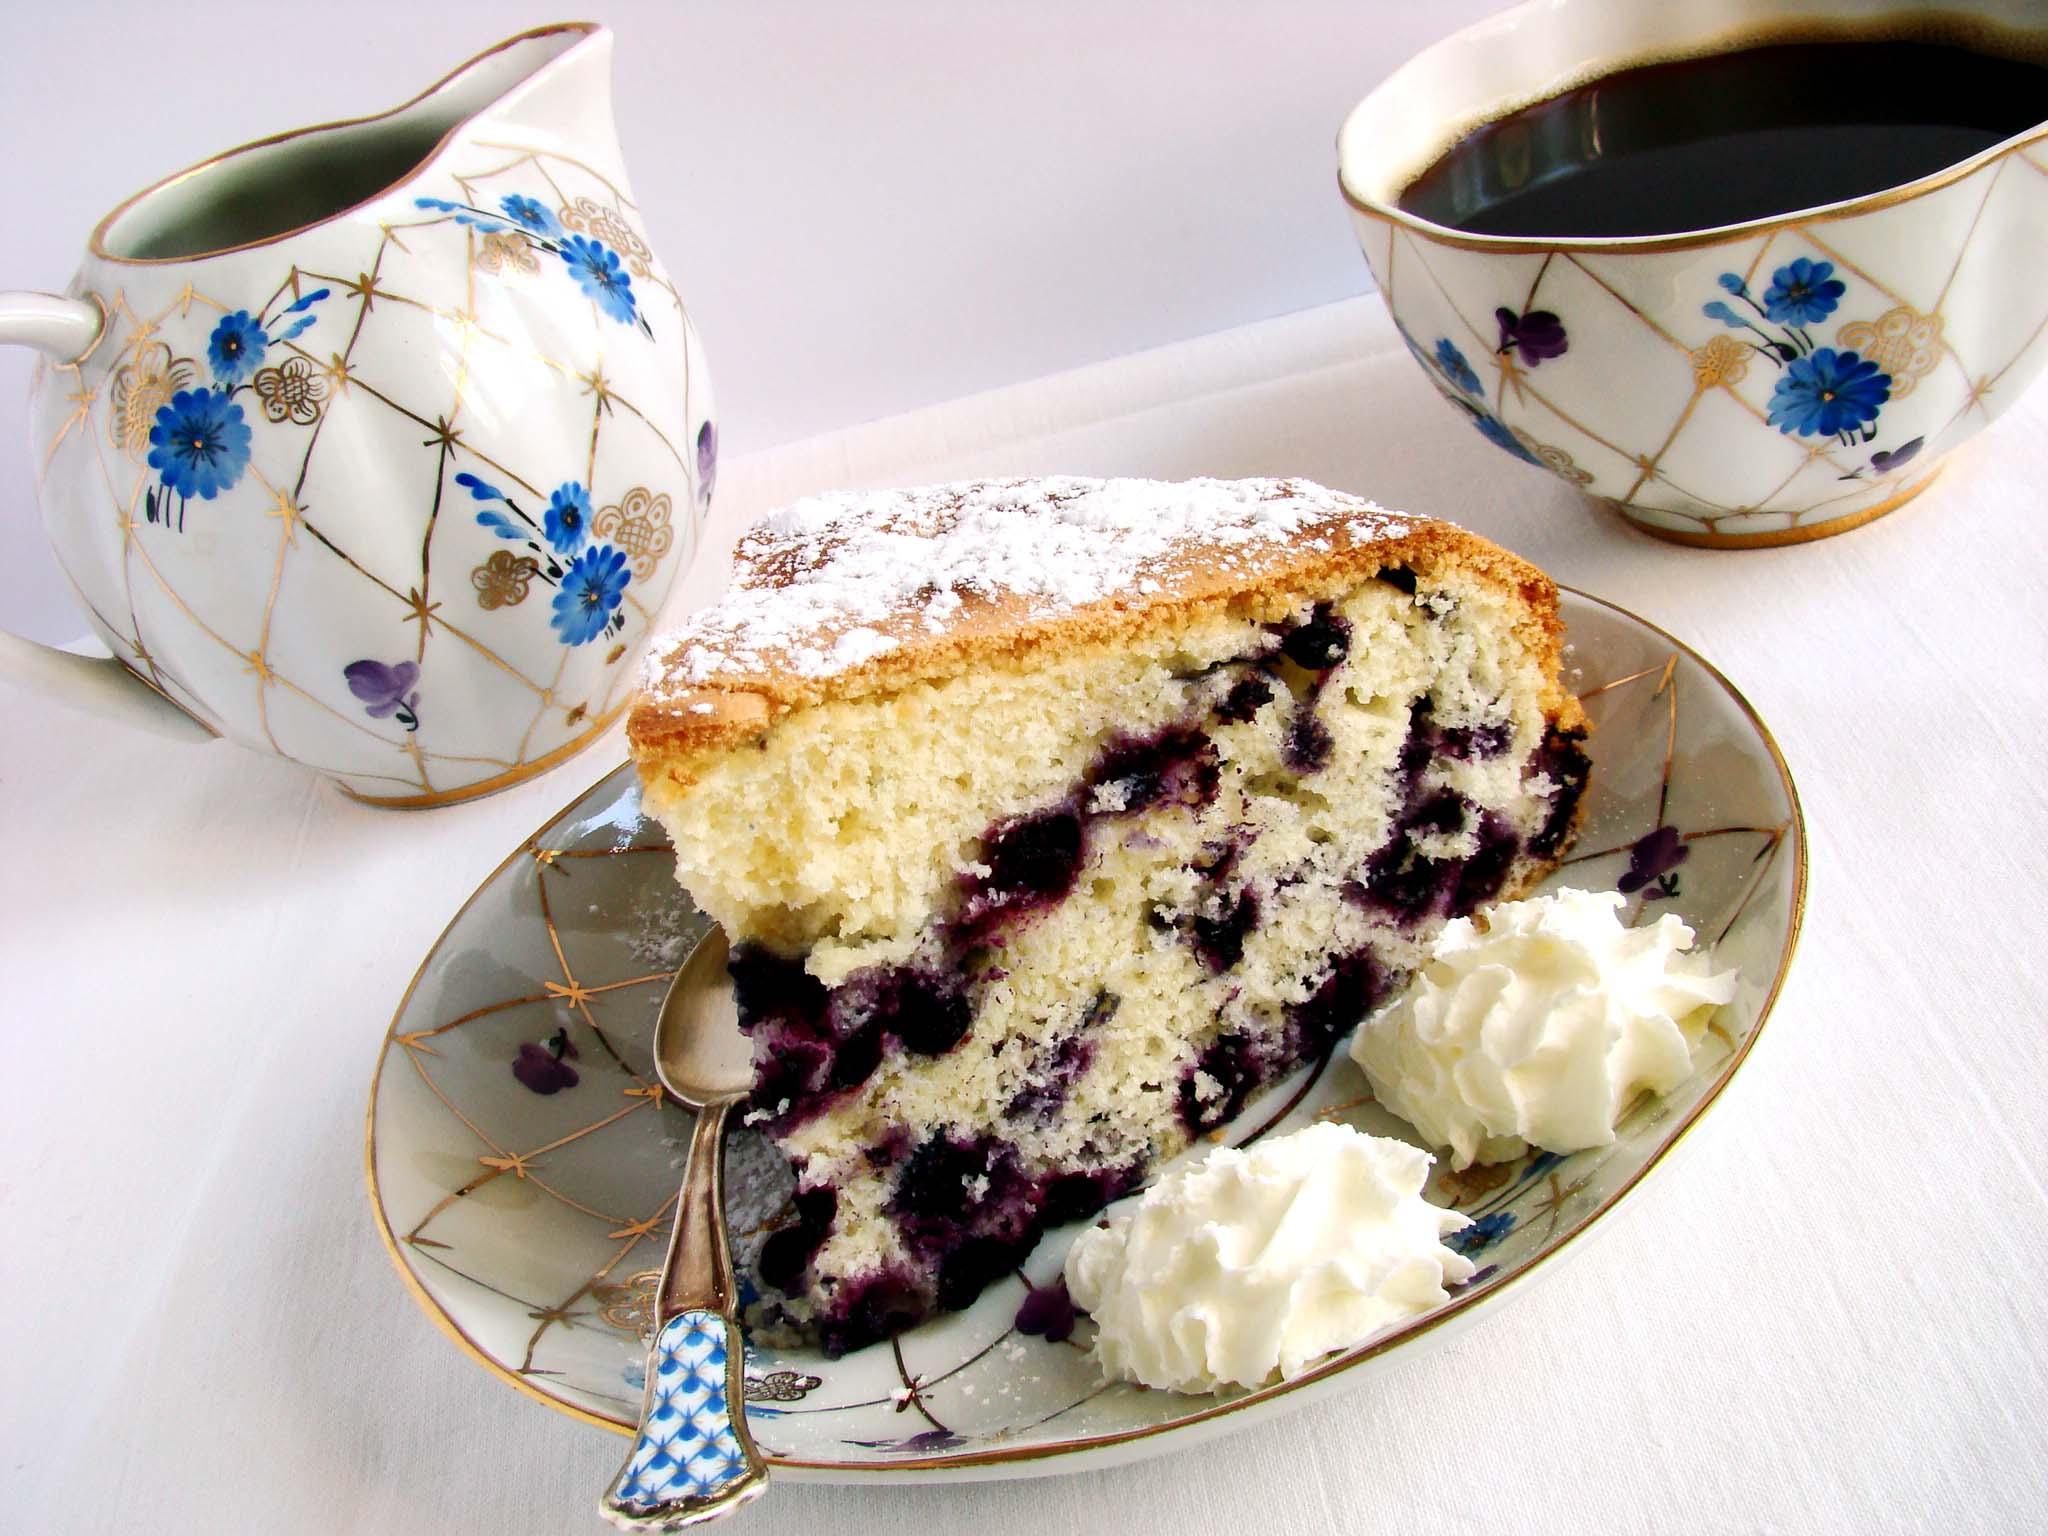 Бисквитный пирог с черникой рецепт с фото пошагово